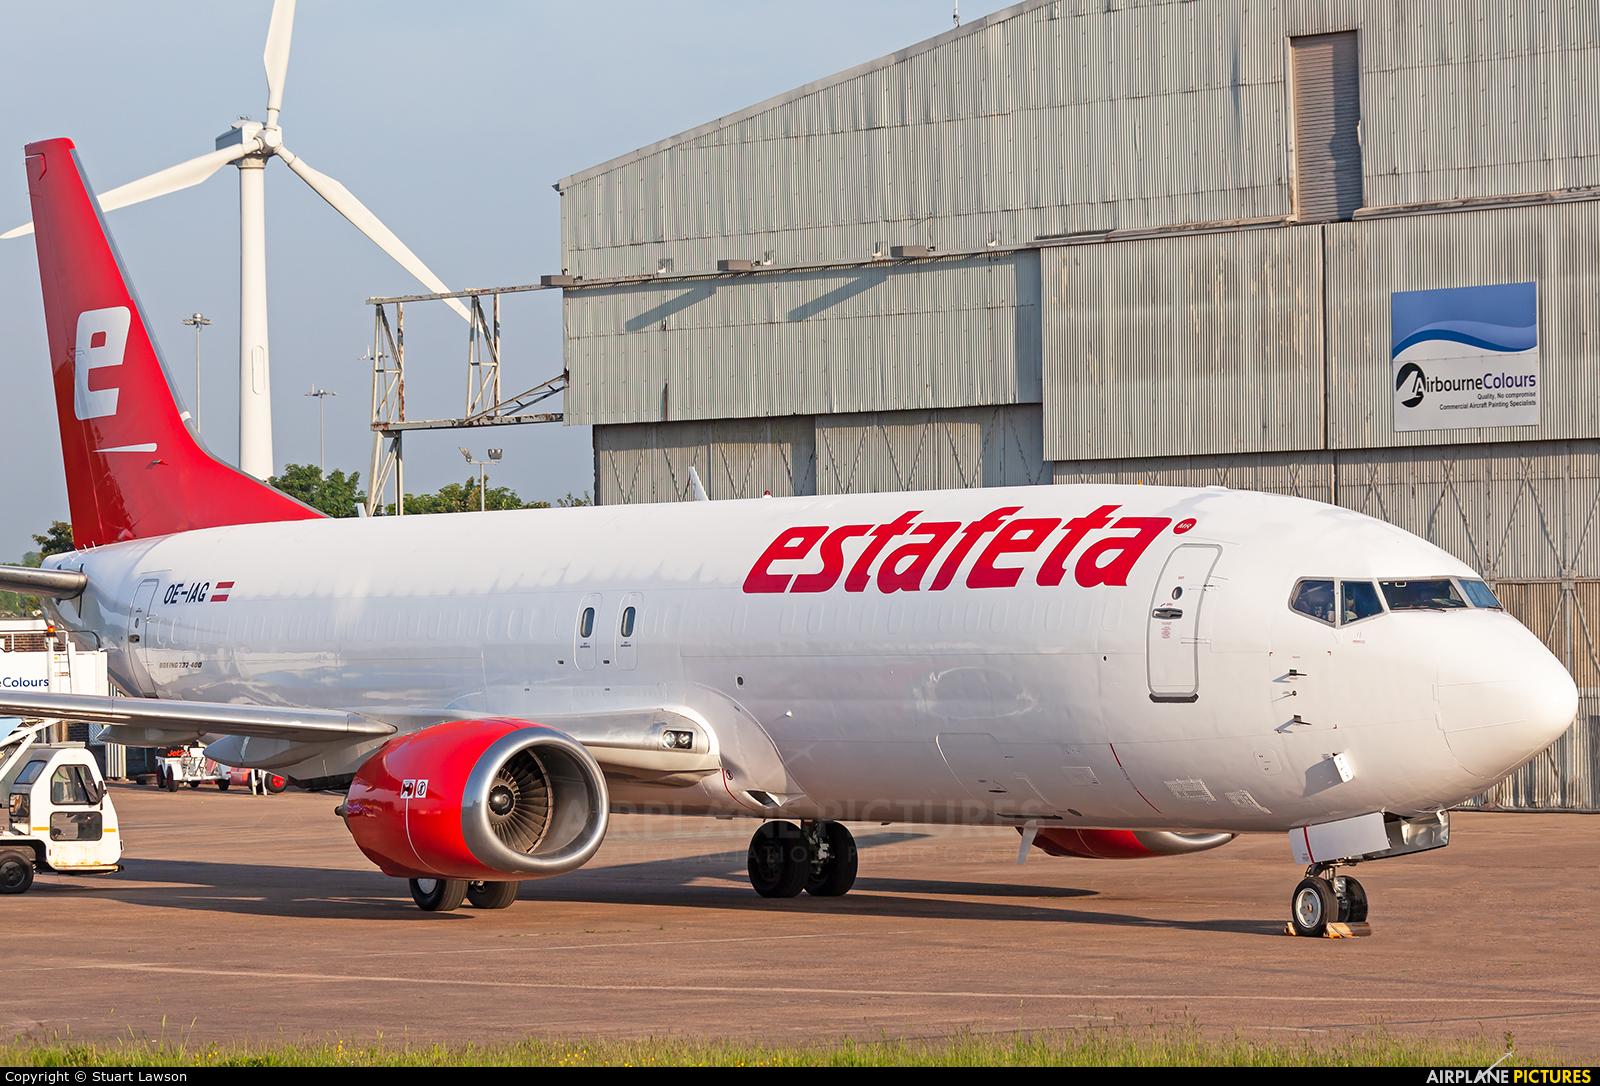 Estafeta Carga Aerea OE-IAG aircraft at East Midlands